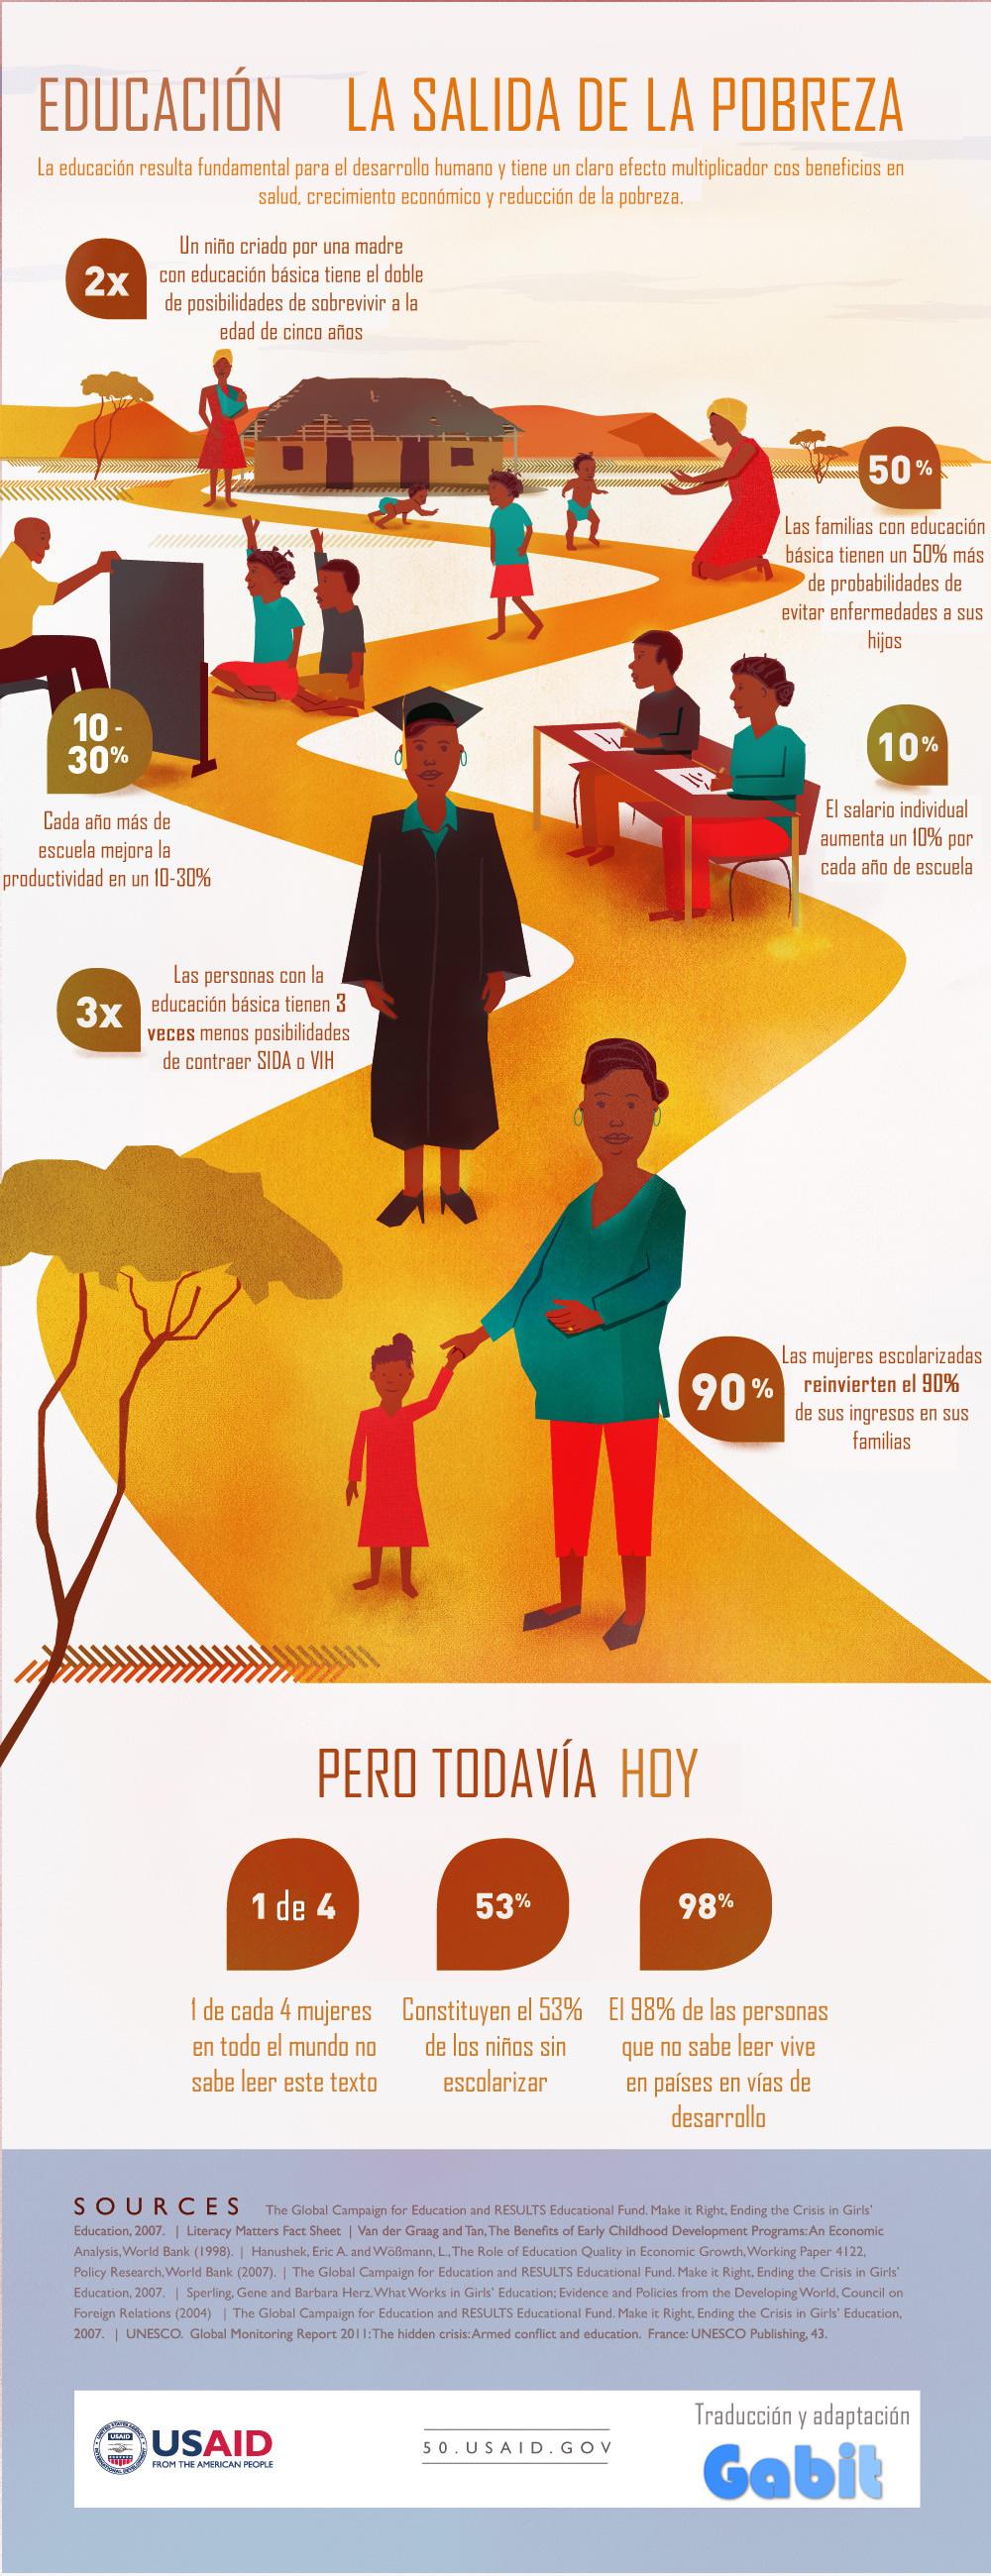 Infografía sobre la Educación como salida de la pobreza